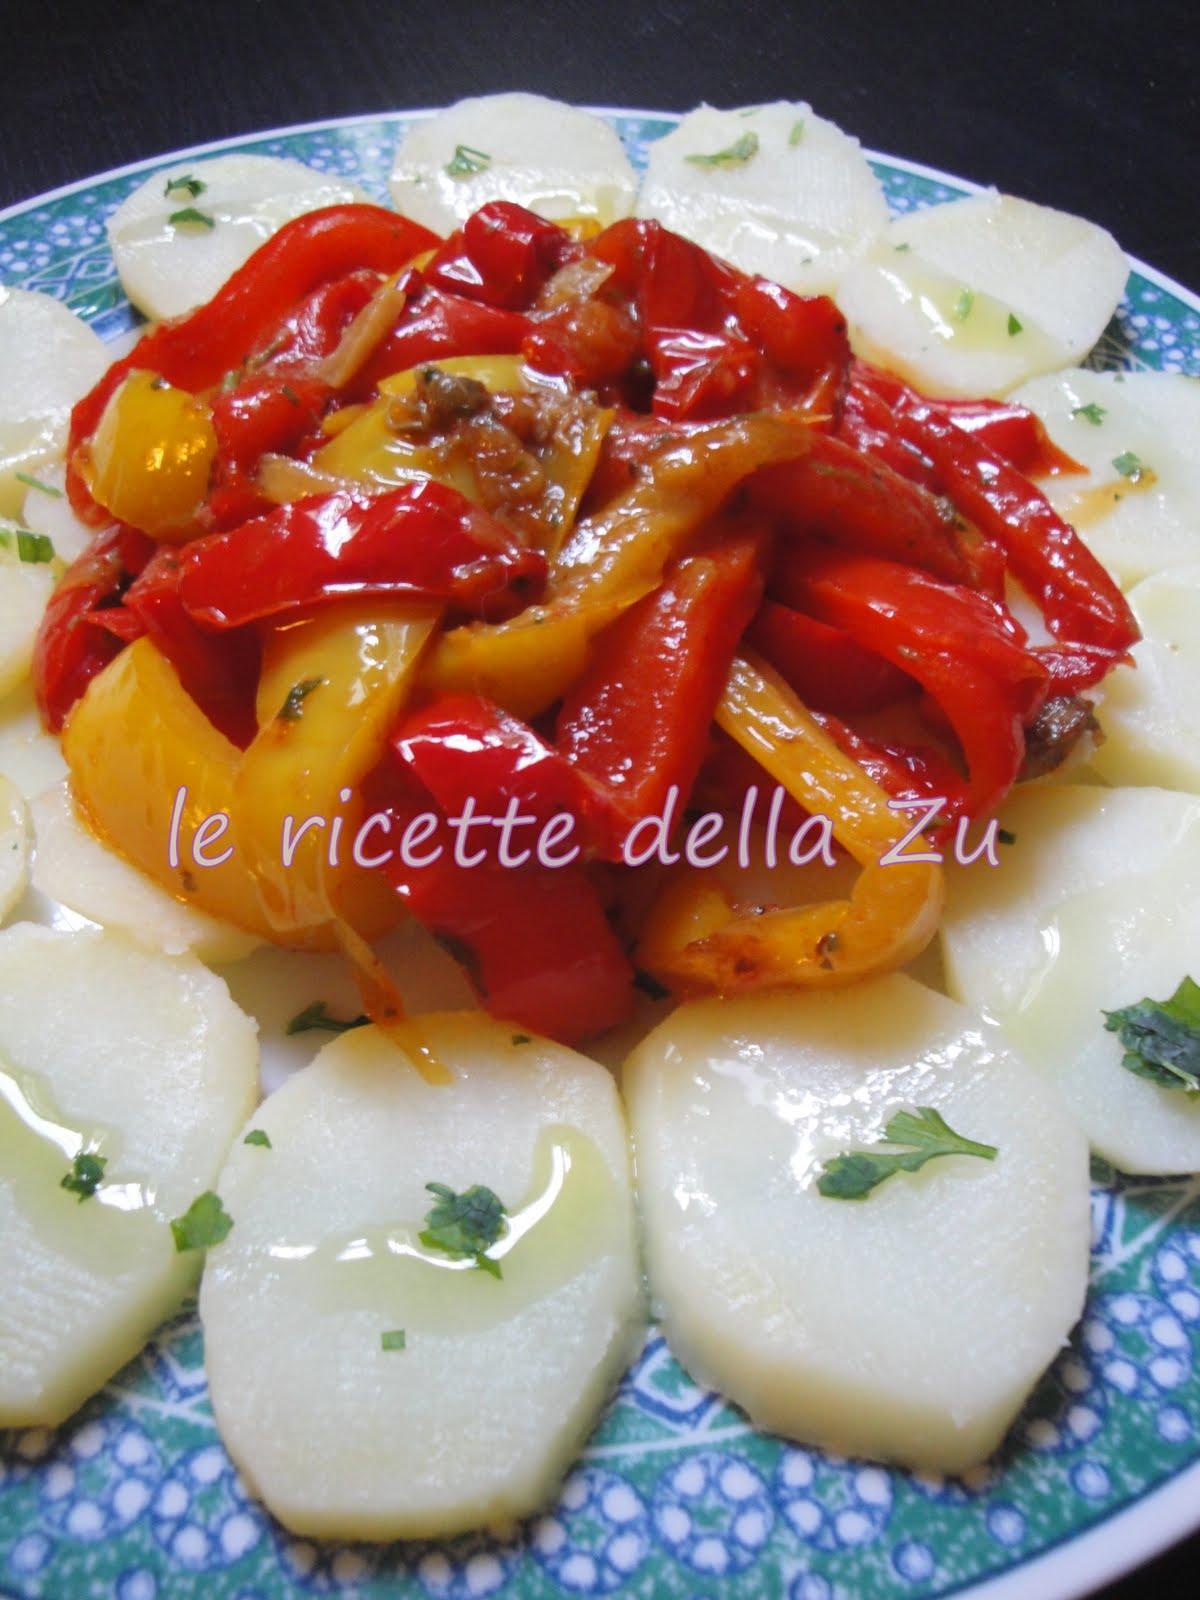 Le ricette della zu peperoni arrostiti con patate bollite for Ricette con patate